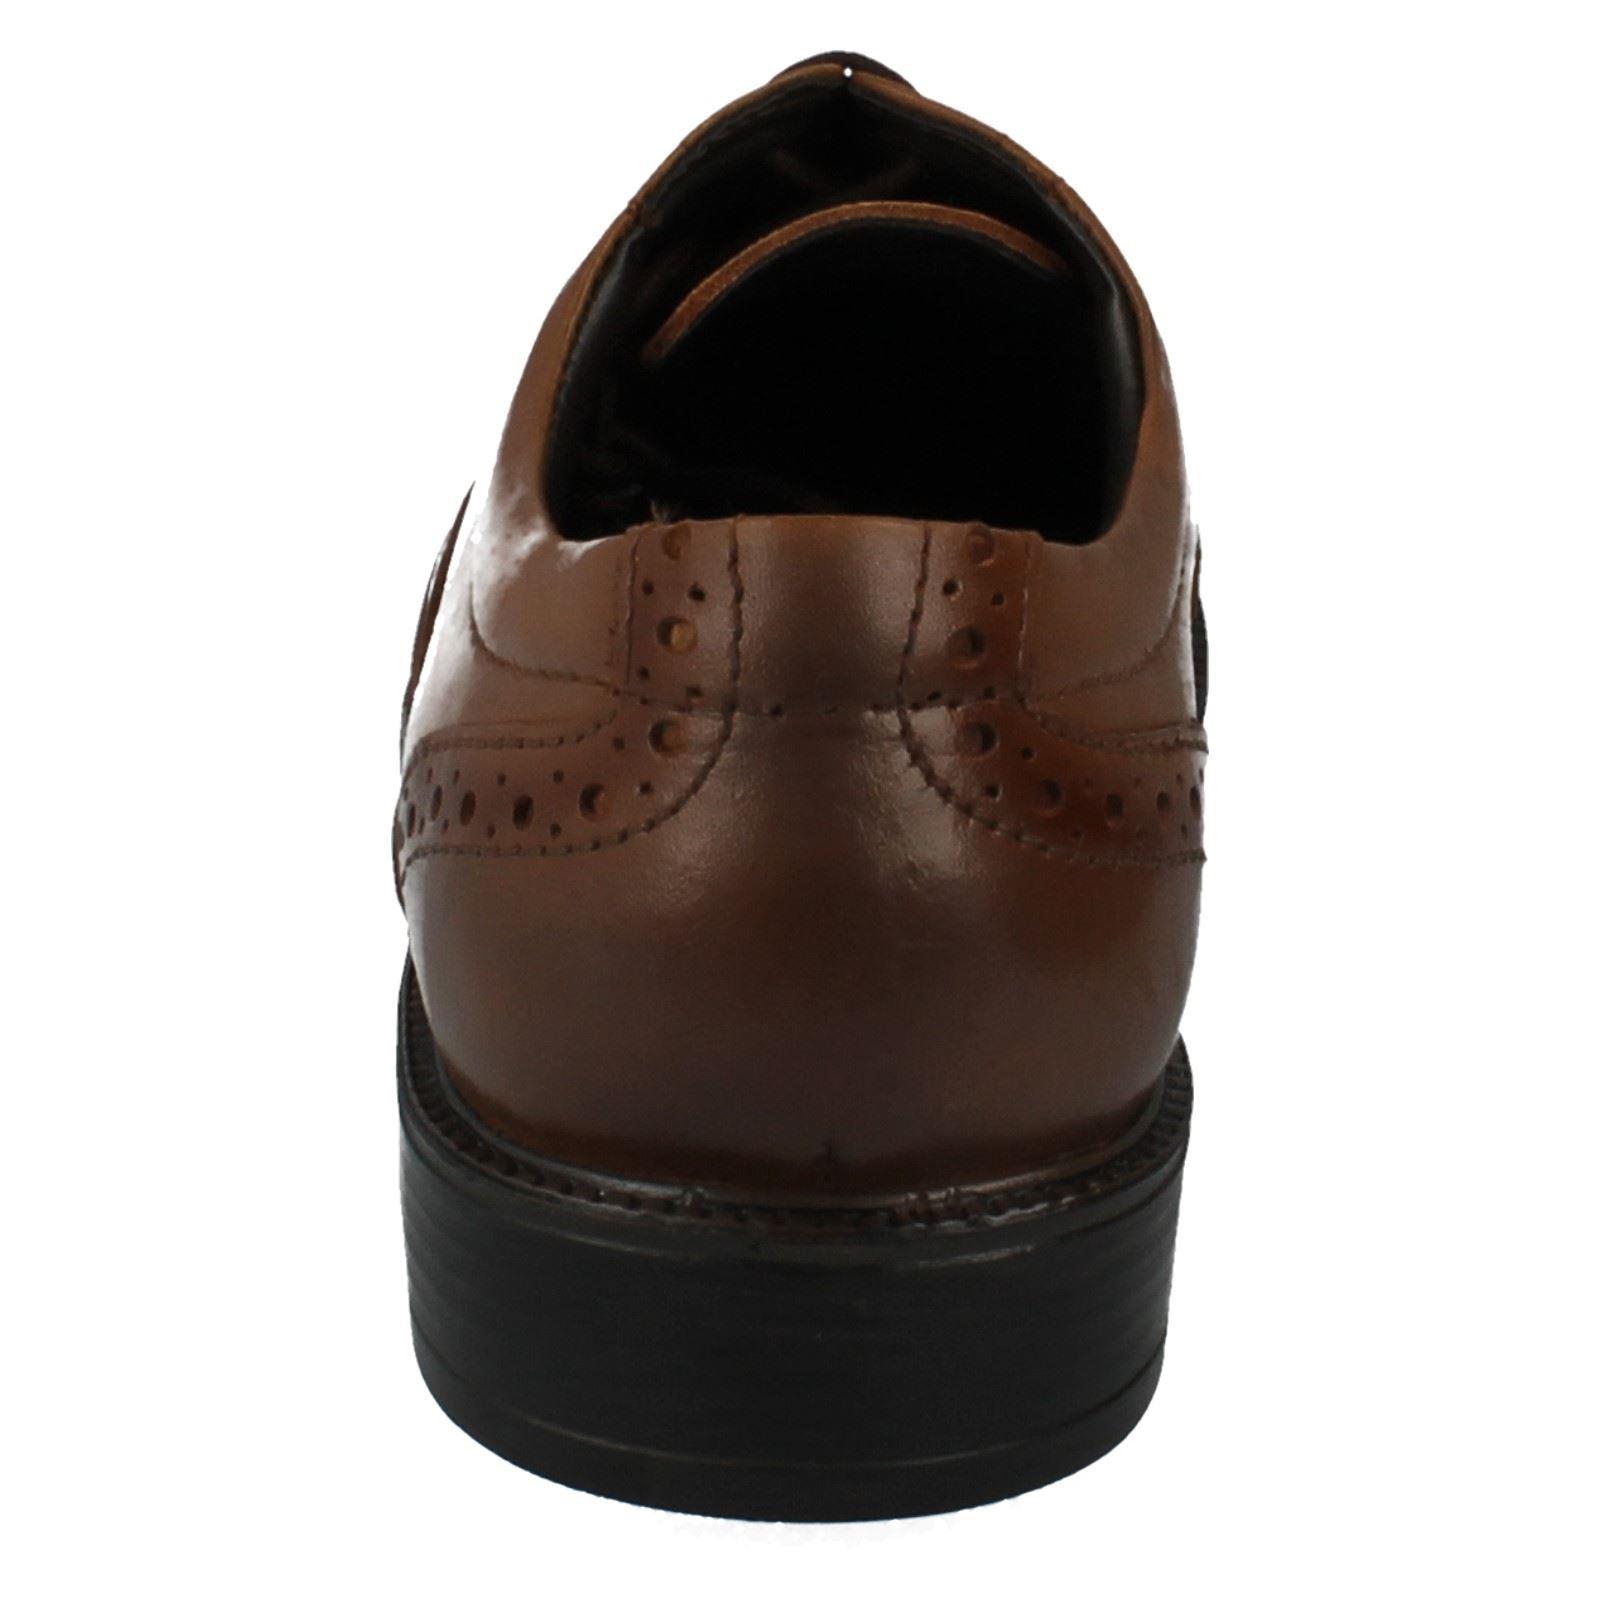 Herren Herren Herren Hush Puppies Brogue Schuhes Rockford Brogue 328723